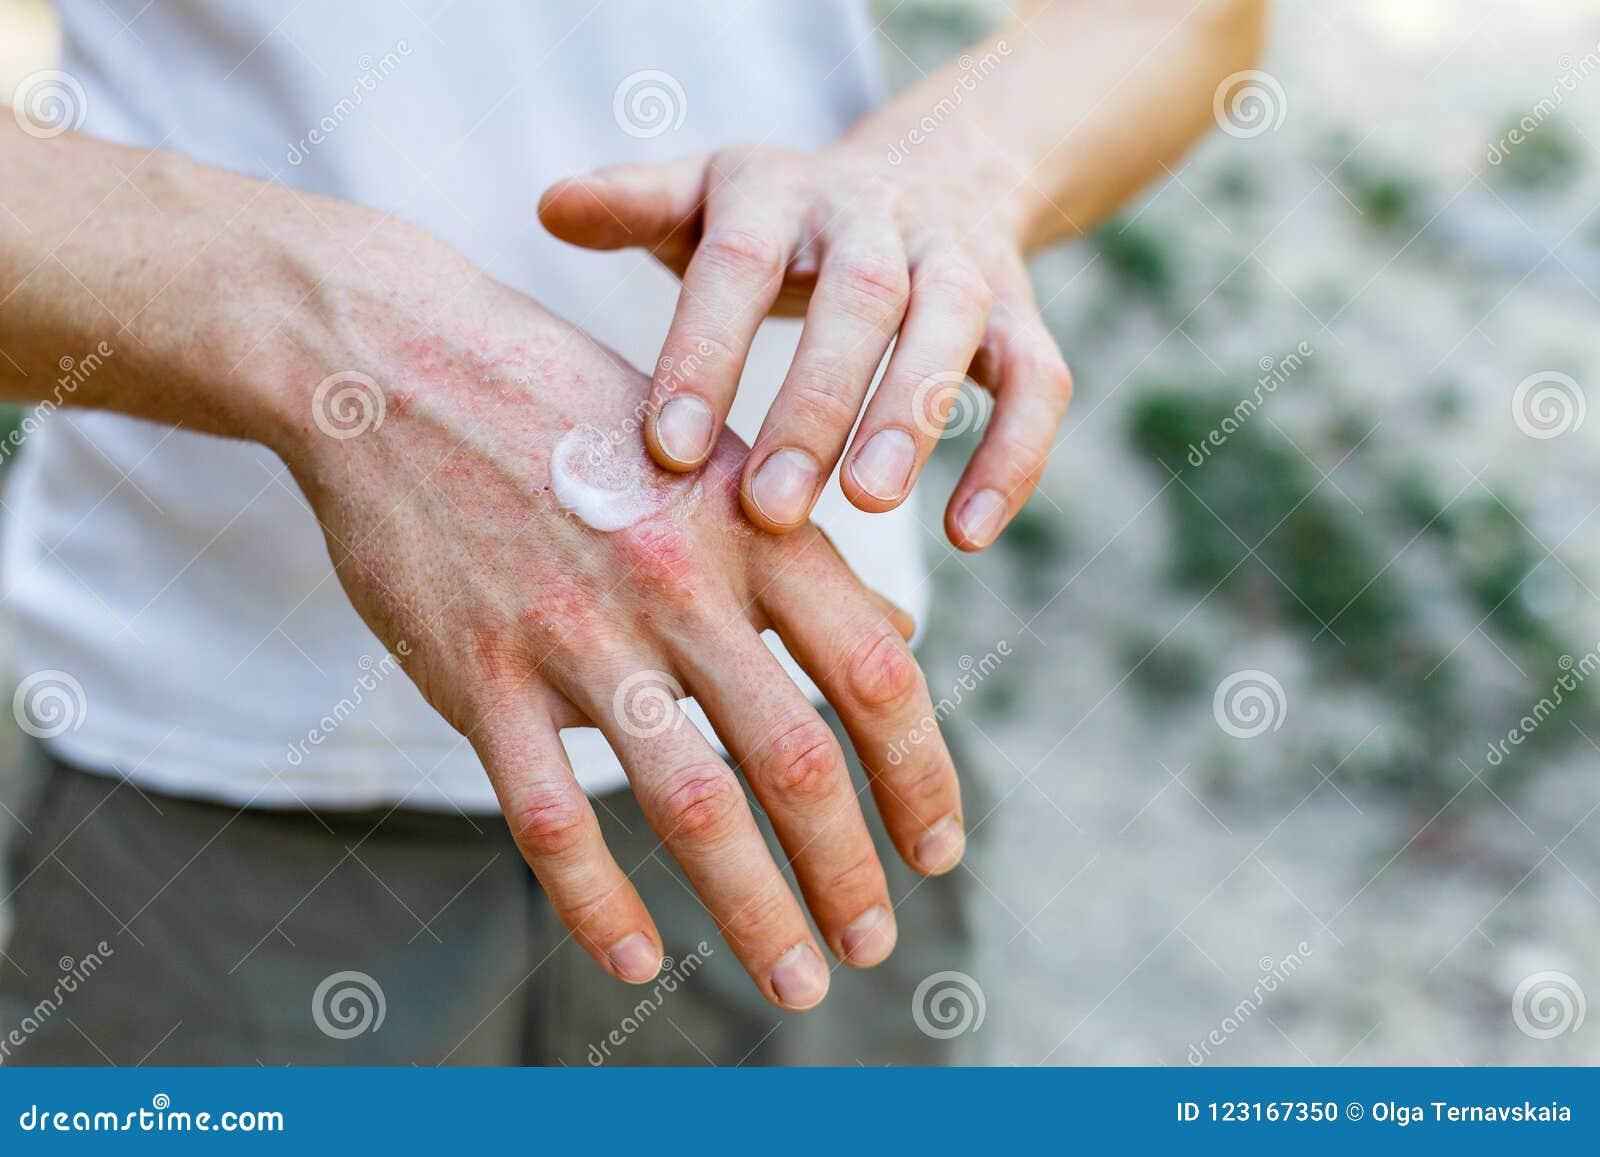 Εφαρμόζοντας emollient στο ξηρό λεπιοειδές δέρμα όπως στη θεραπεία της ψωρίασης, του εκζέματος και άλλων ξηρών όρων δερμάτων άσπρ